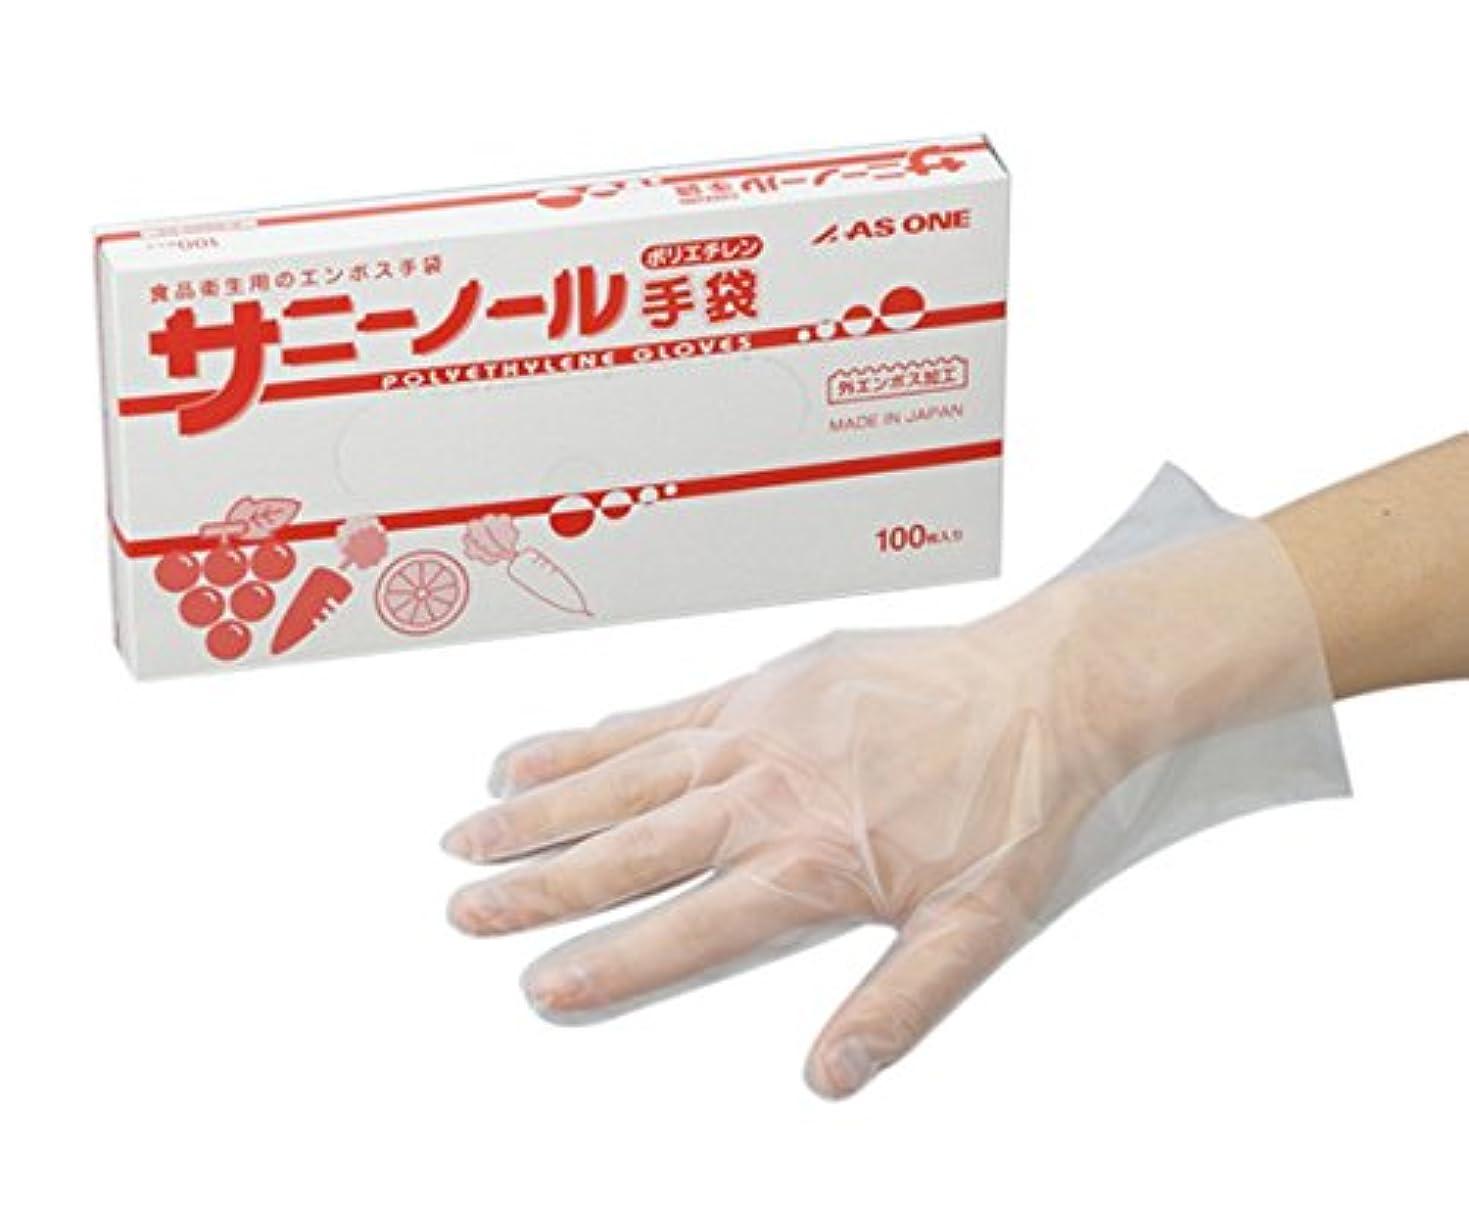 並外れて手綱科学者アズワン サニーノール手袋 ポリエチレン S/6-9680-03